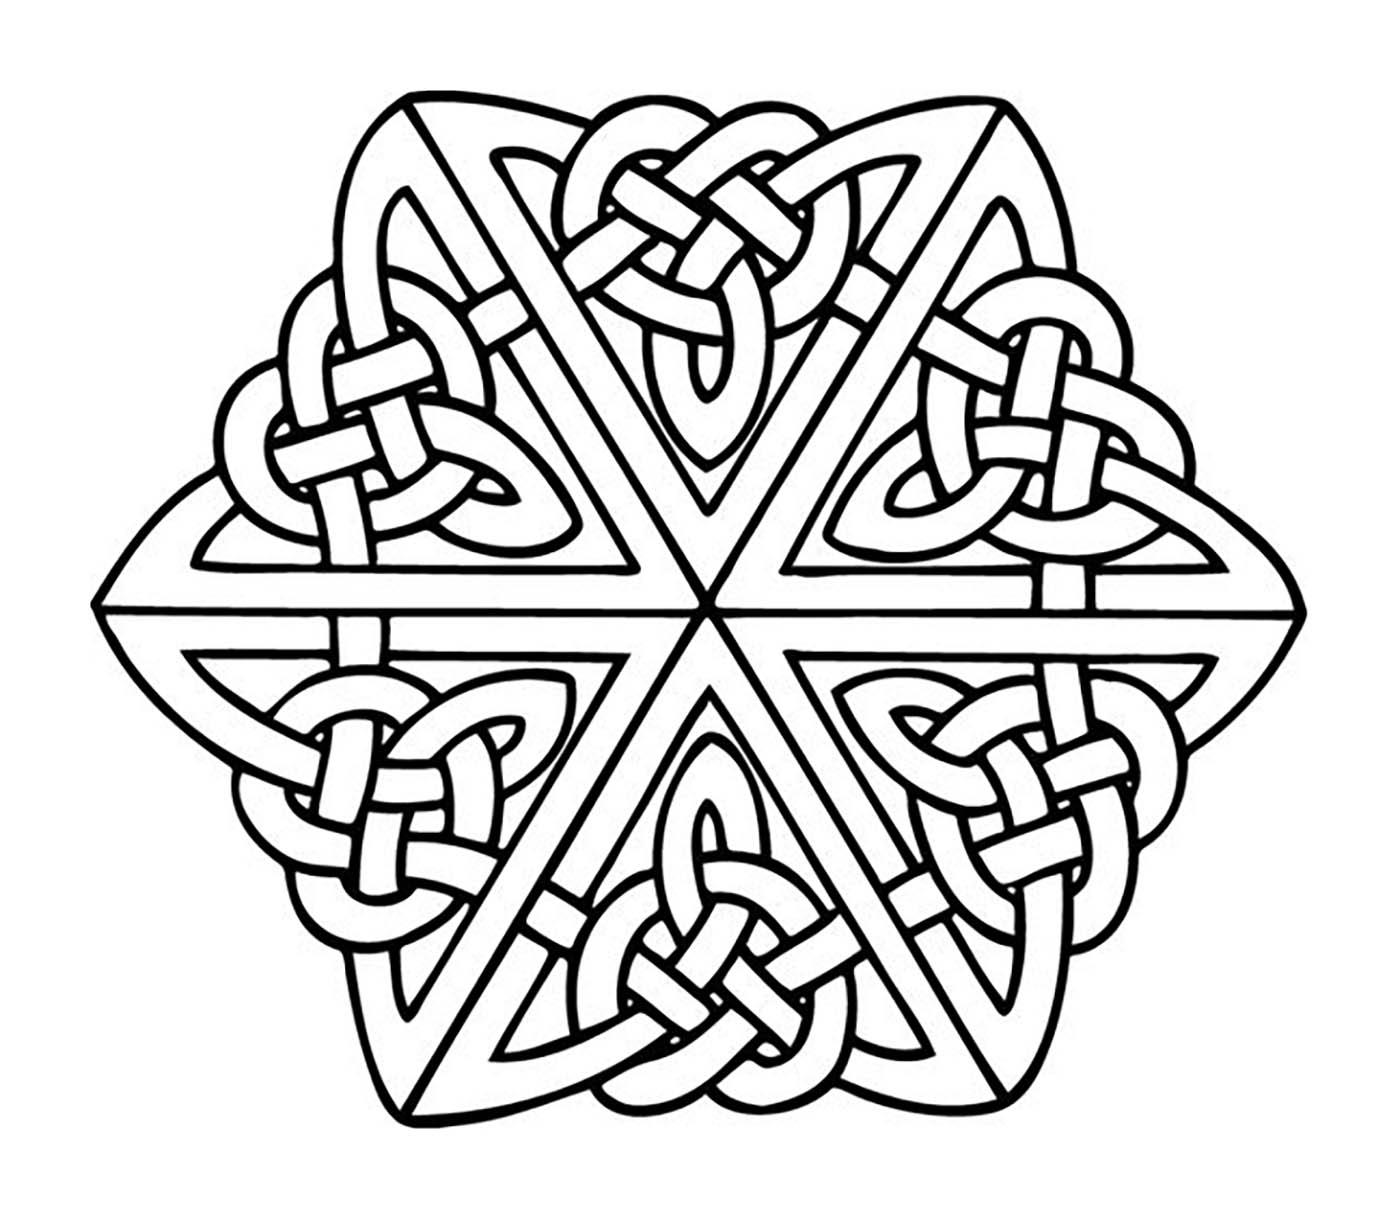 Celtic Mandala 1 - Simple Mandalas - 100% Mandalas Zen ...